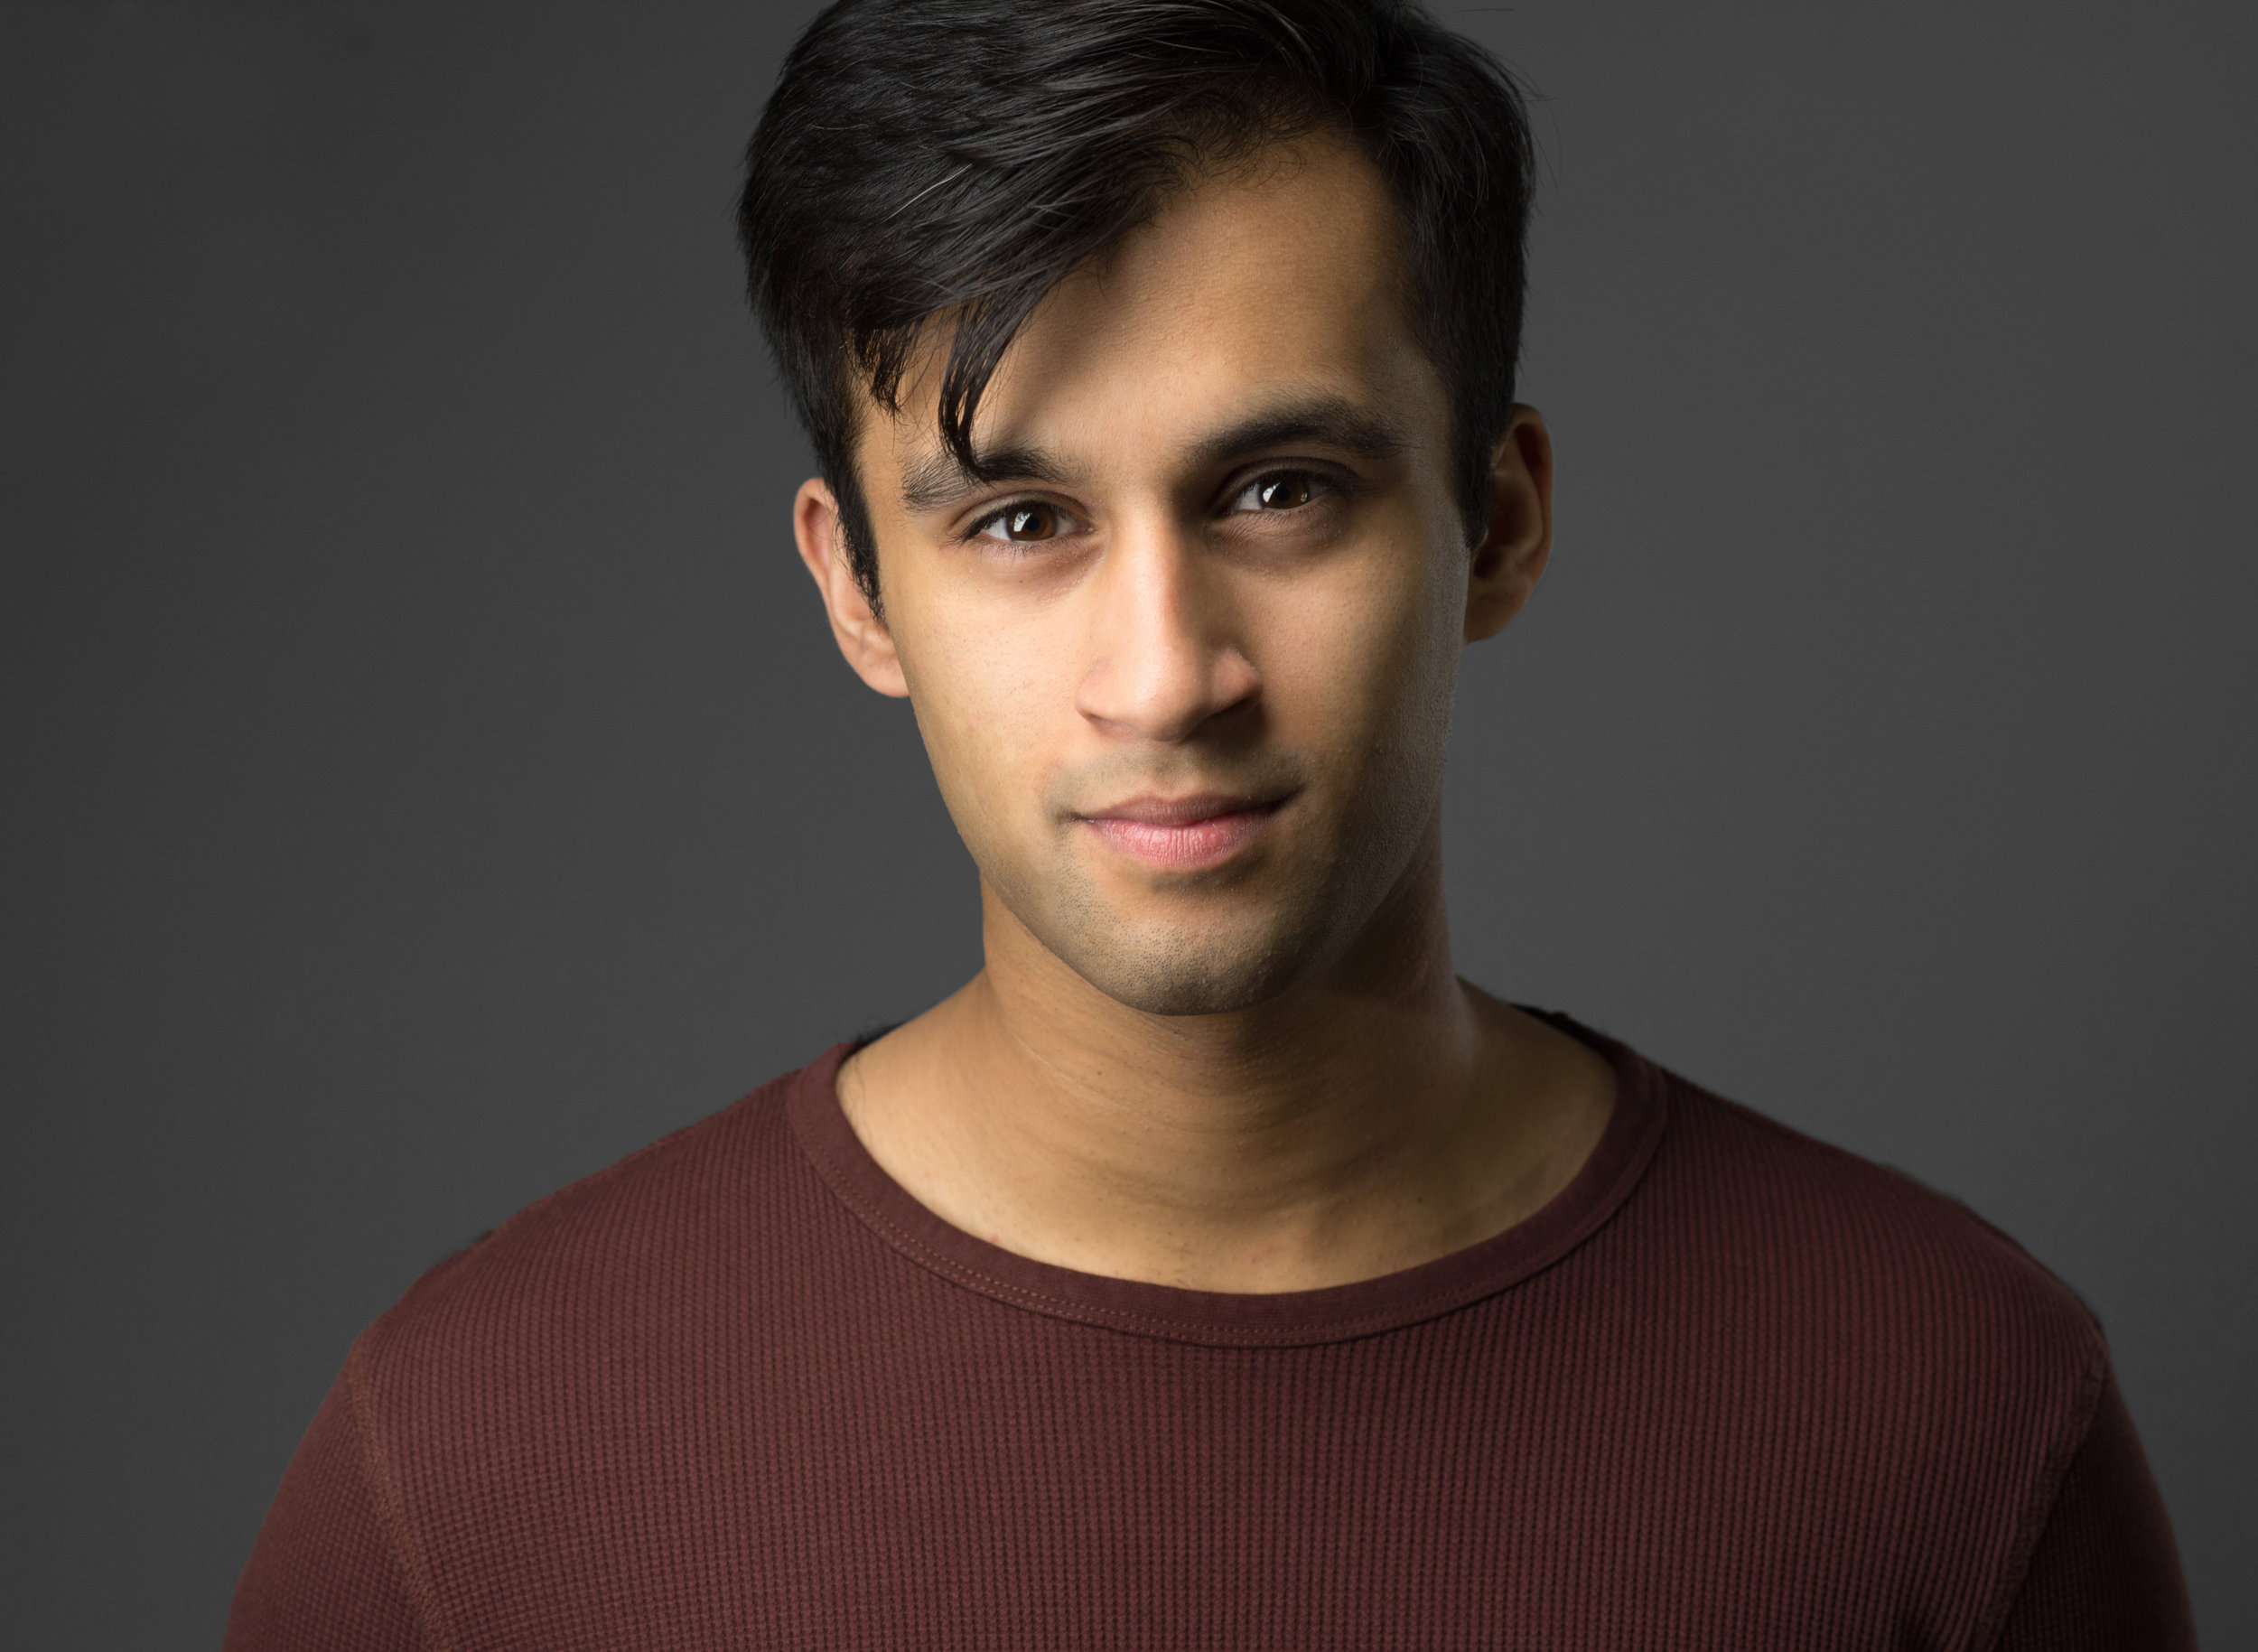 Maanav, Maryland Actor